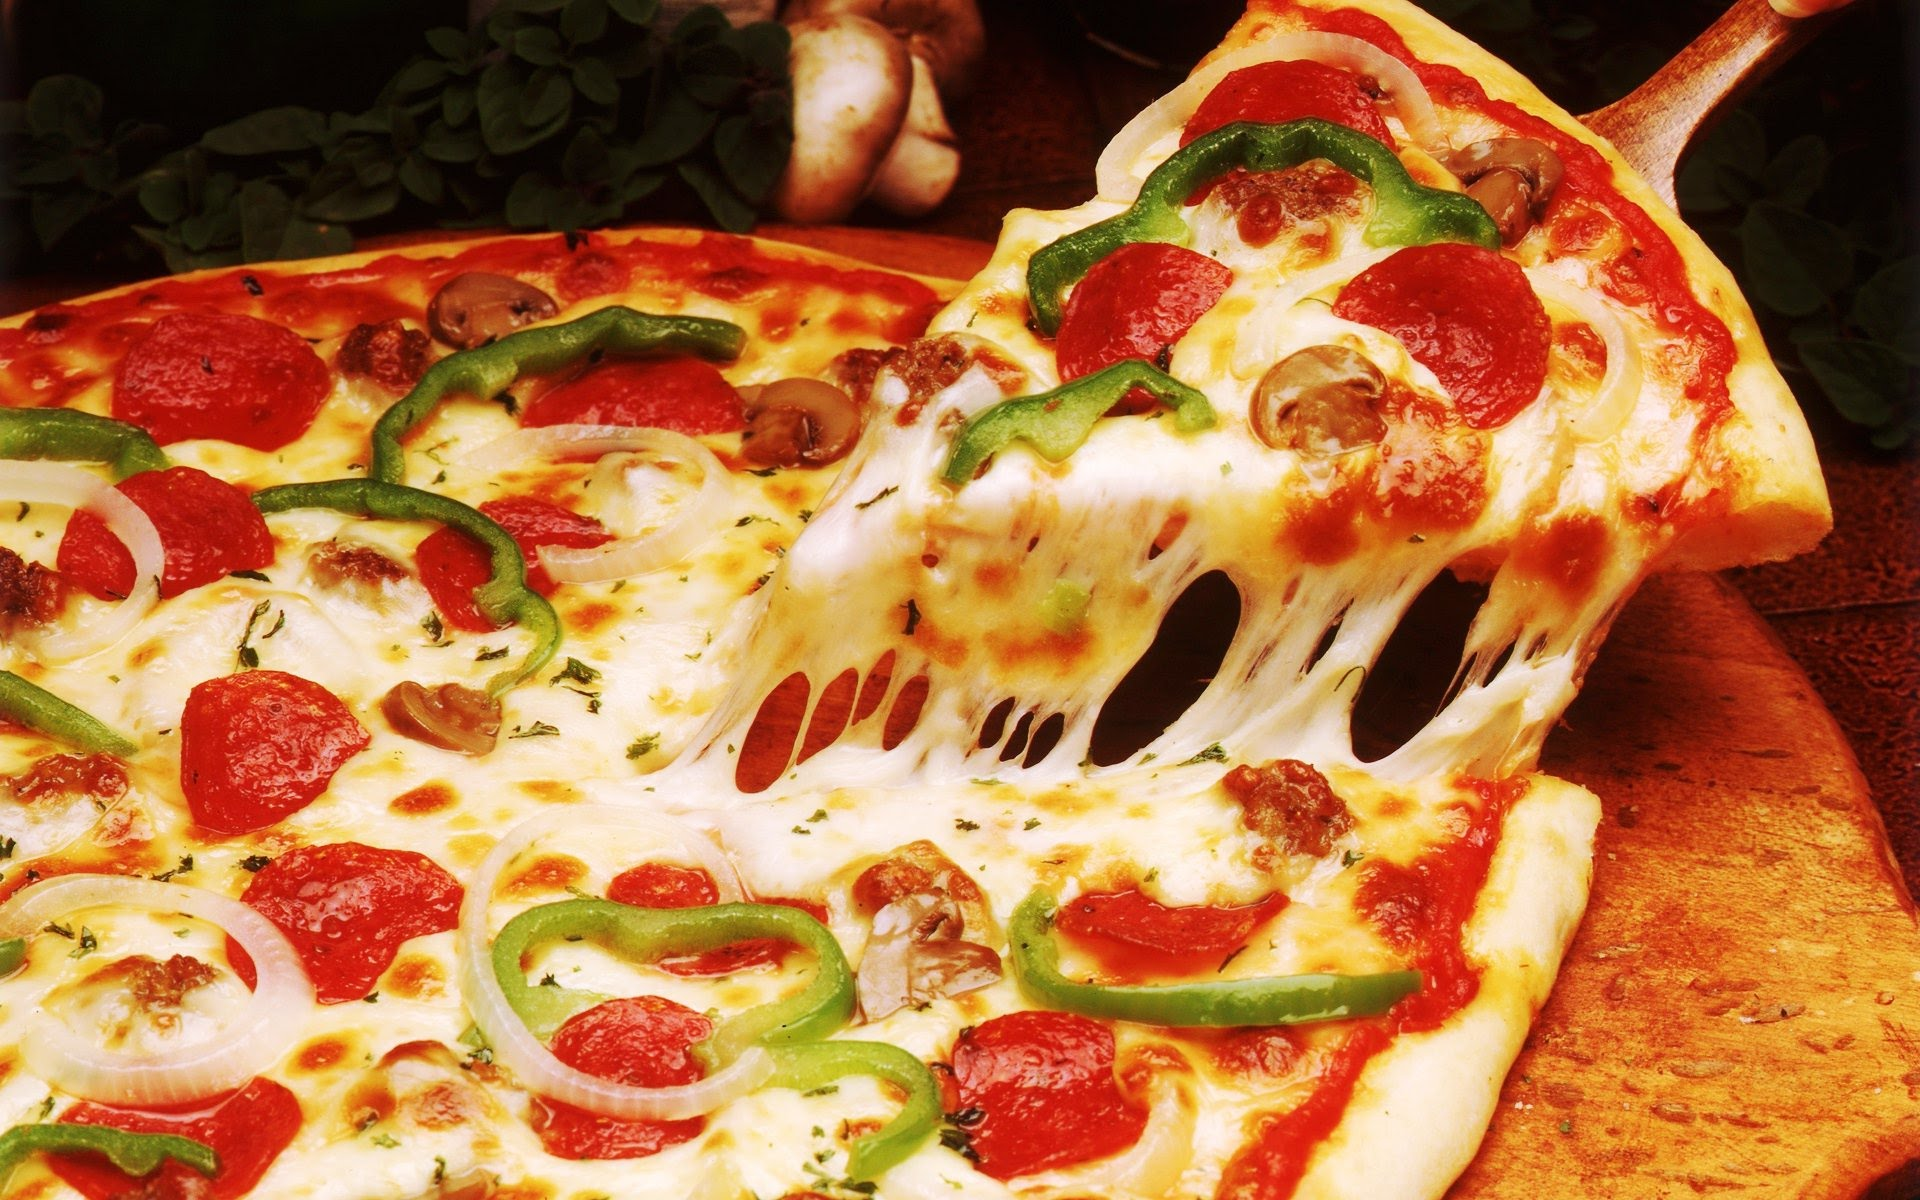 livrari pizza in cluj